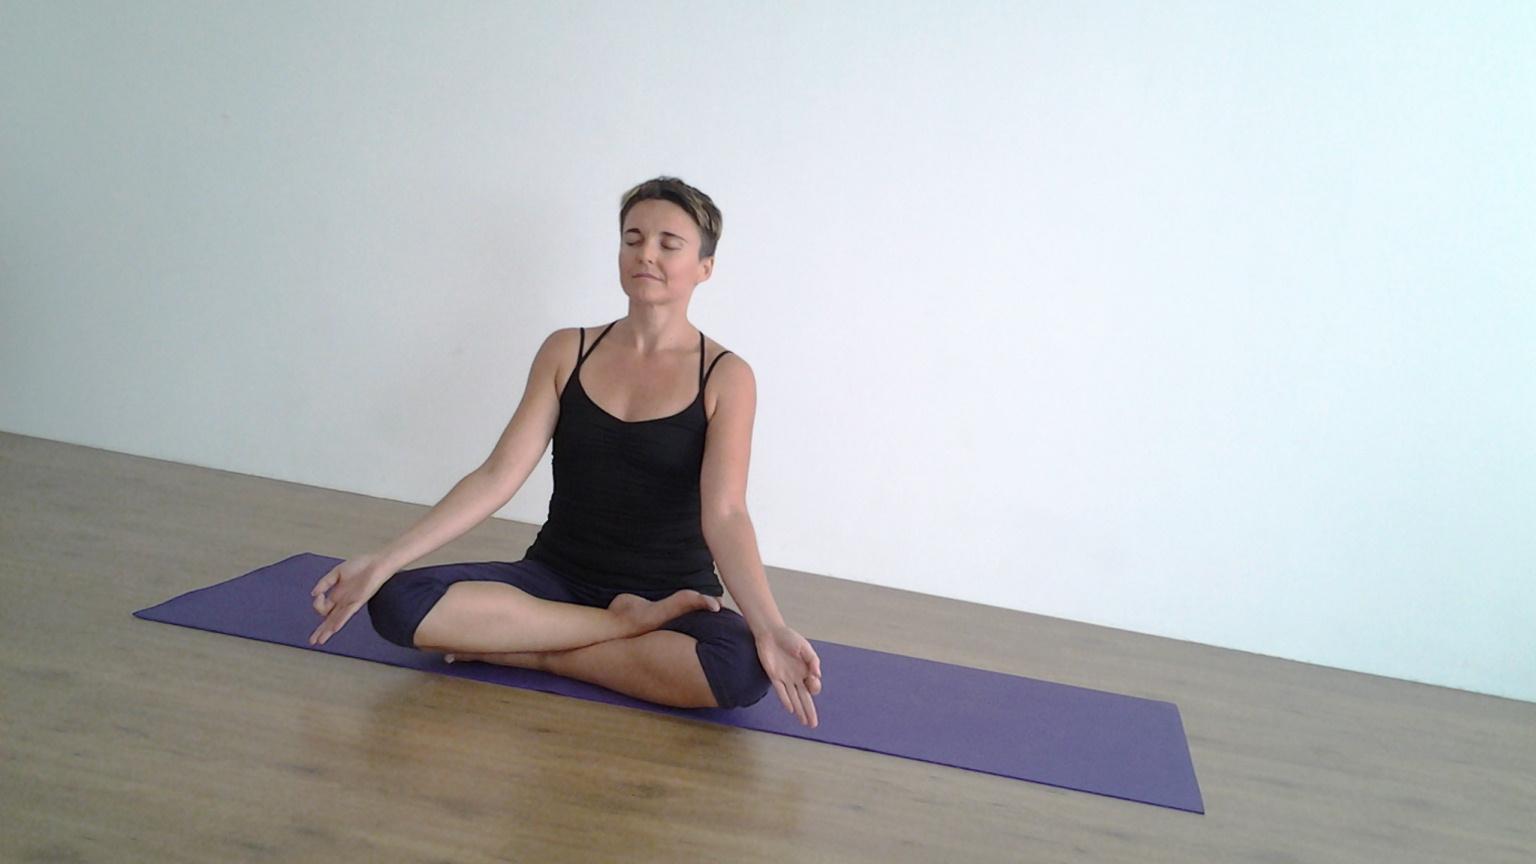 yoga-online-gratuito-sport-libertas-coni-lezioni-casa-@-home-cnsl-liguria-essere-benessere-salute-alassio-free-insegno-lucia-ragazzi-pizzorno-musacchia